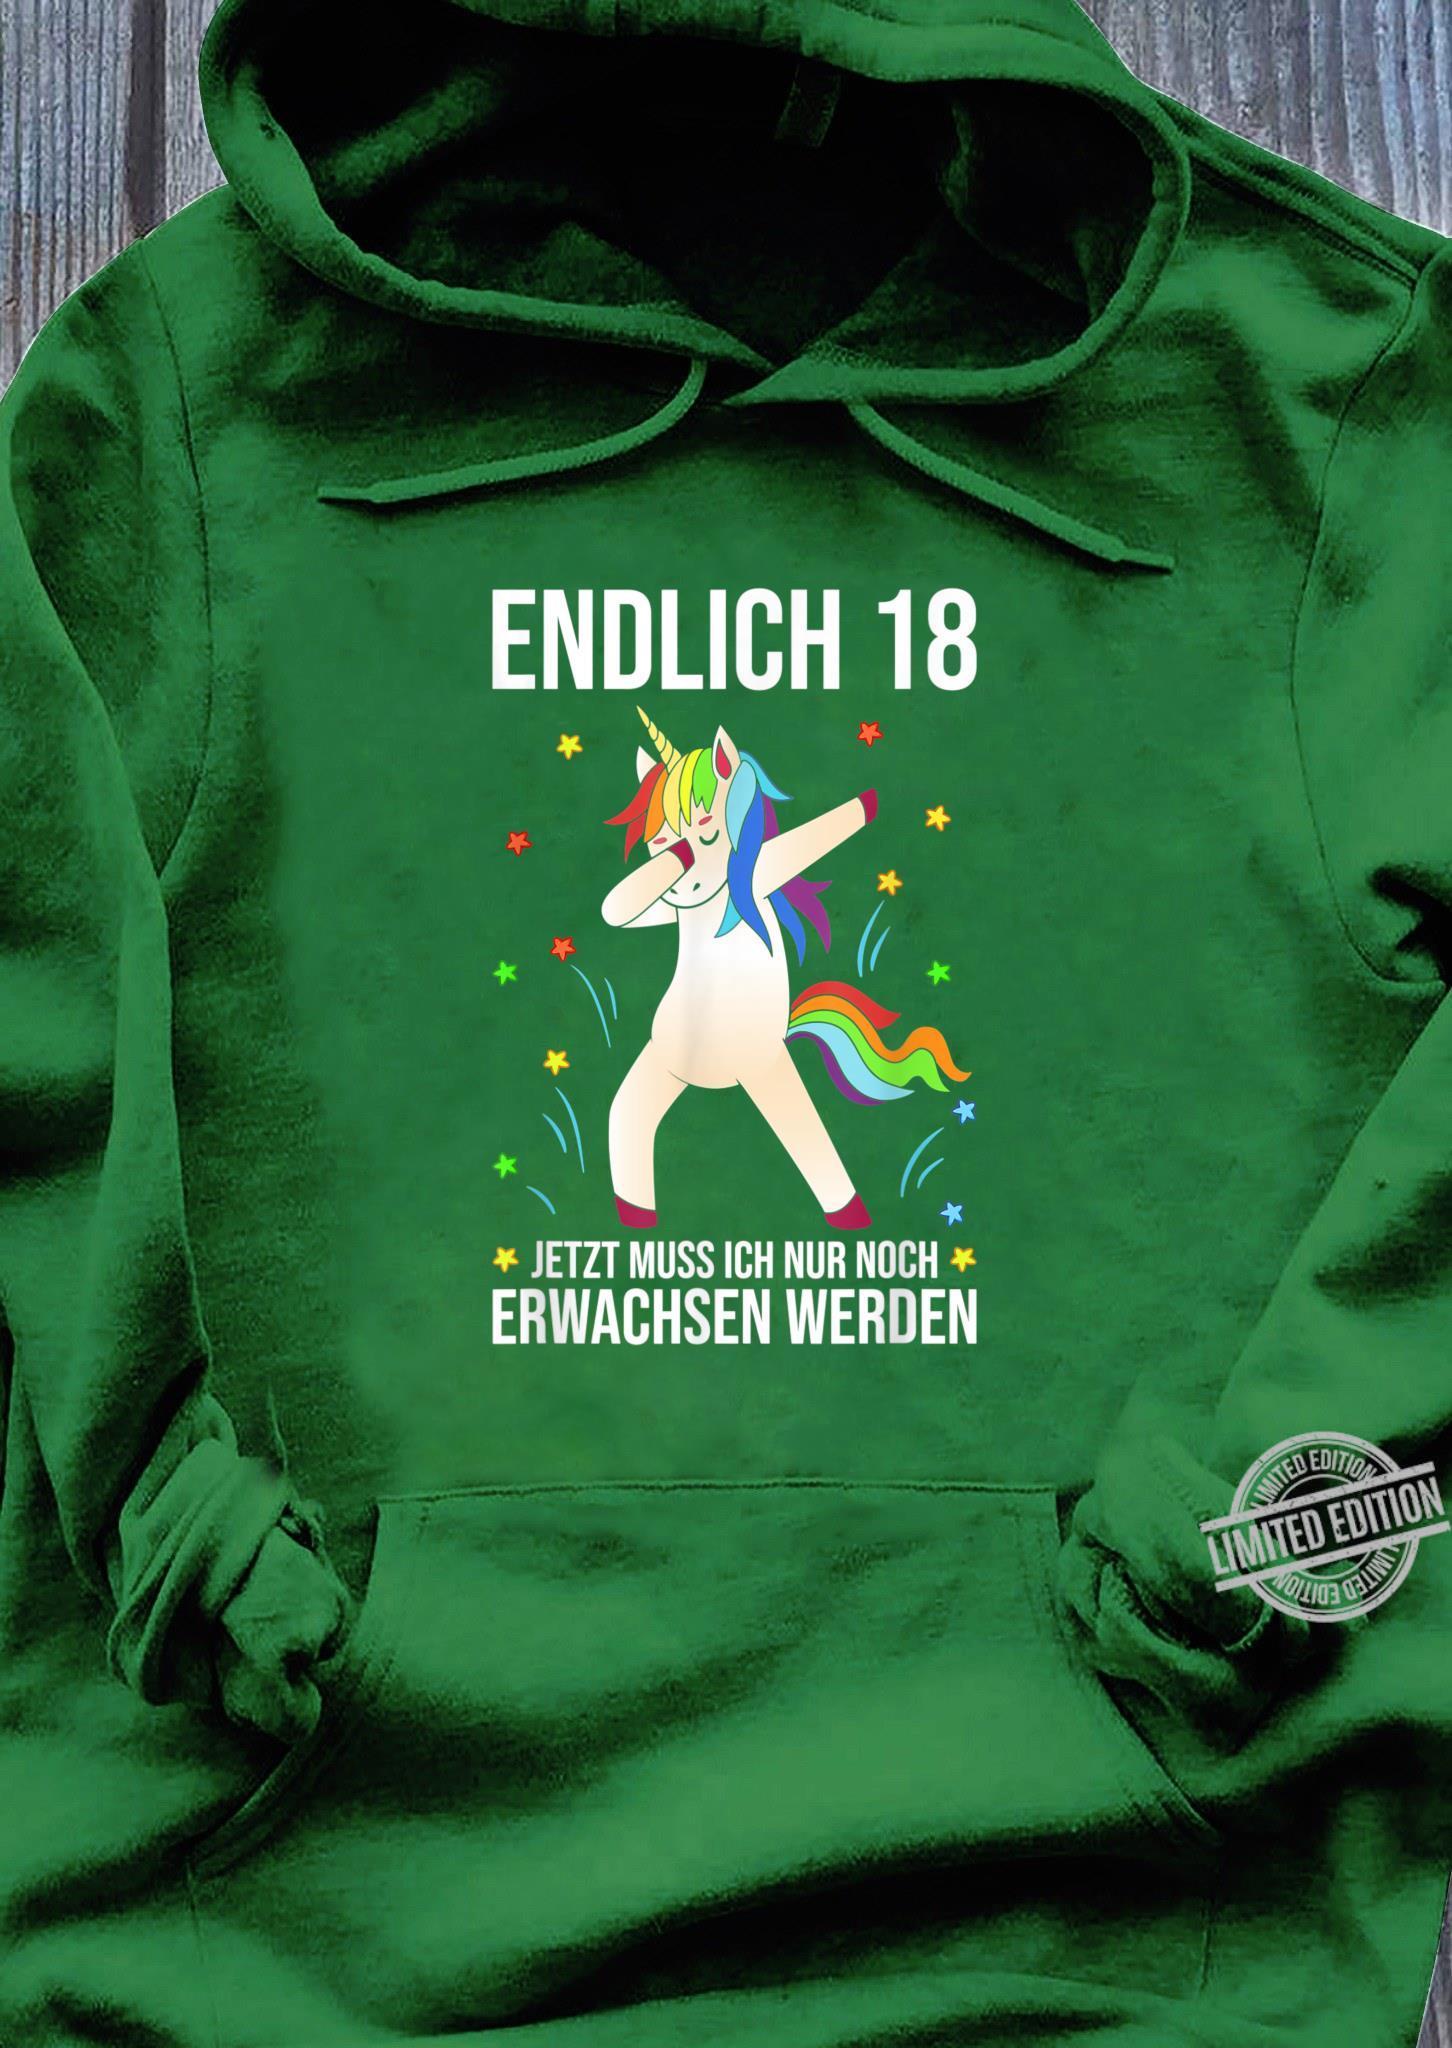 Endlich 18 jetzt muss ich nur noch erwachsen werden Shirt hoodie